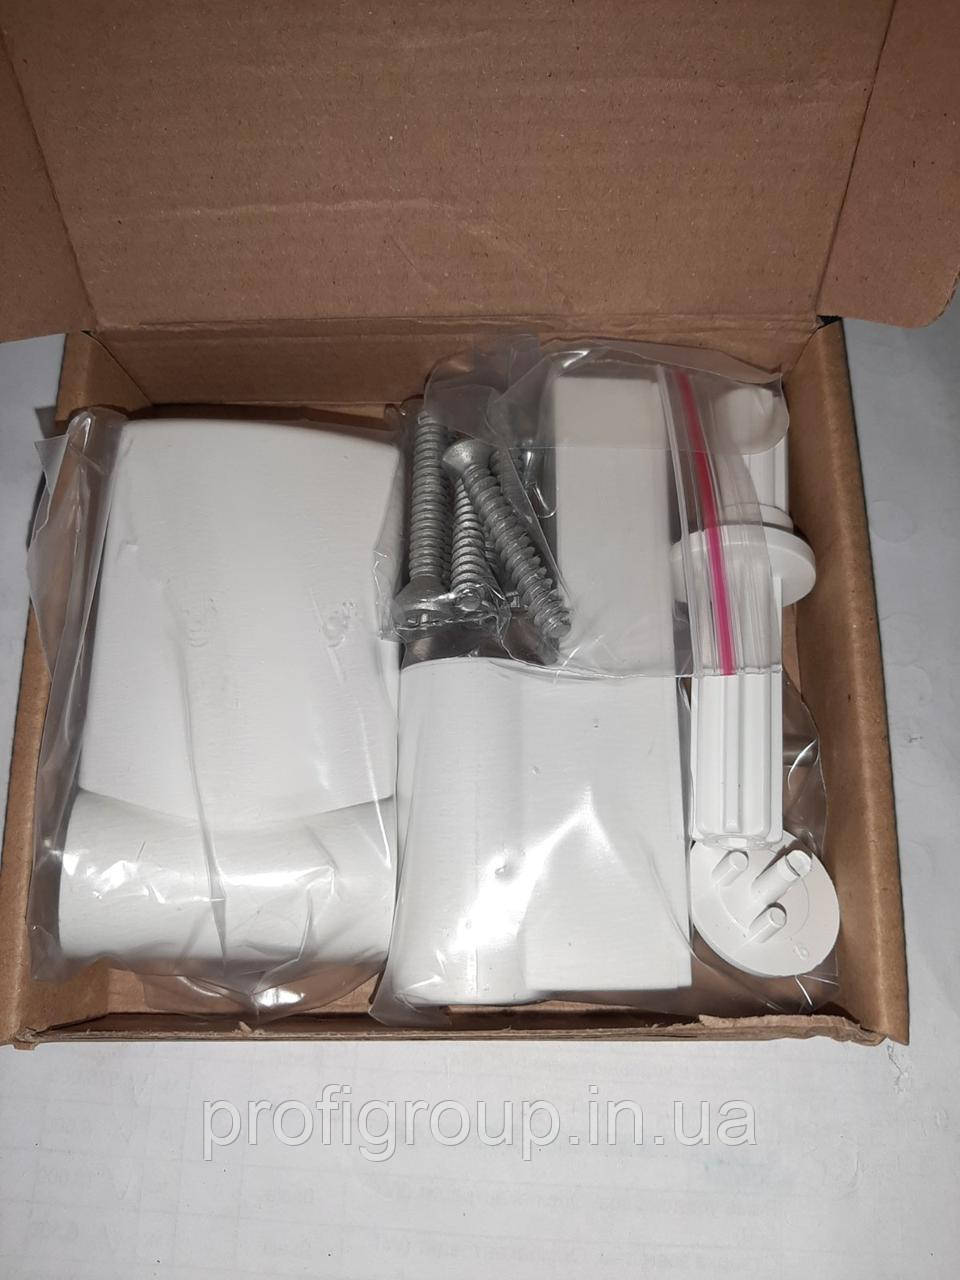 Vorne / Петля дверная VORNE пластик 18-22 мм / 90 кг белая для дверей ПВХ